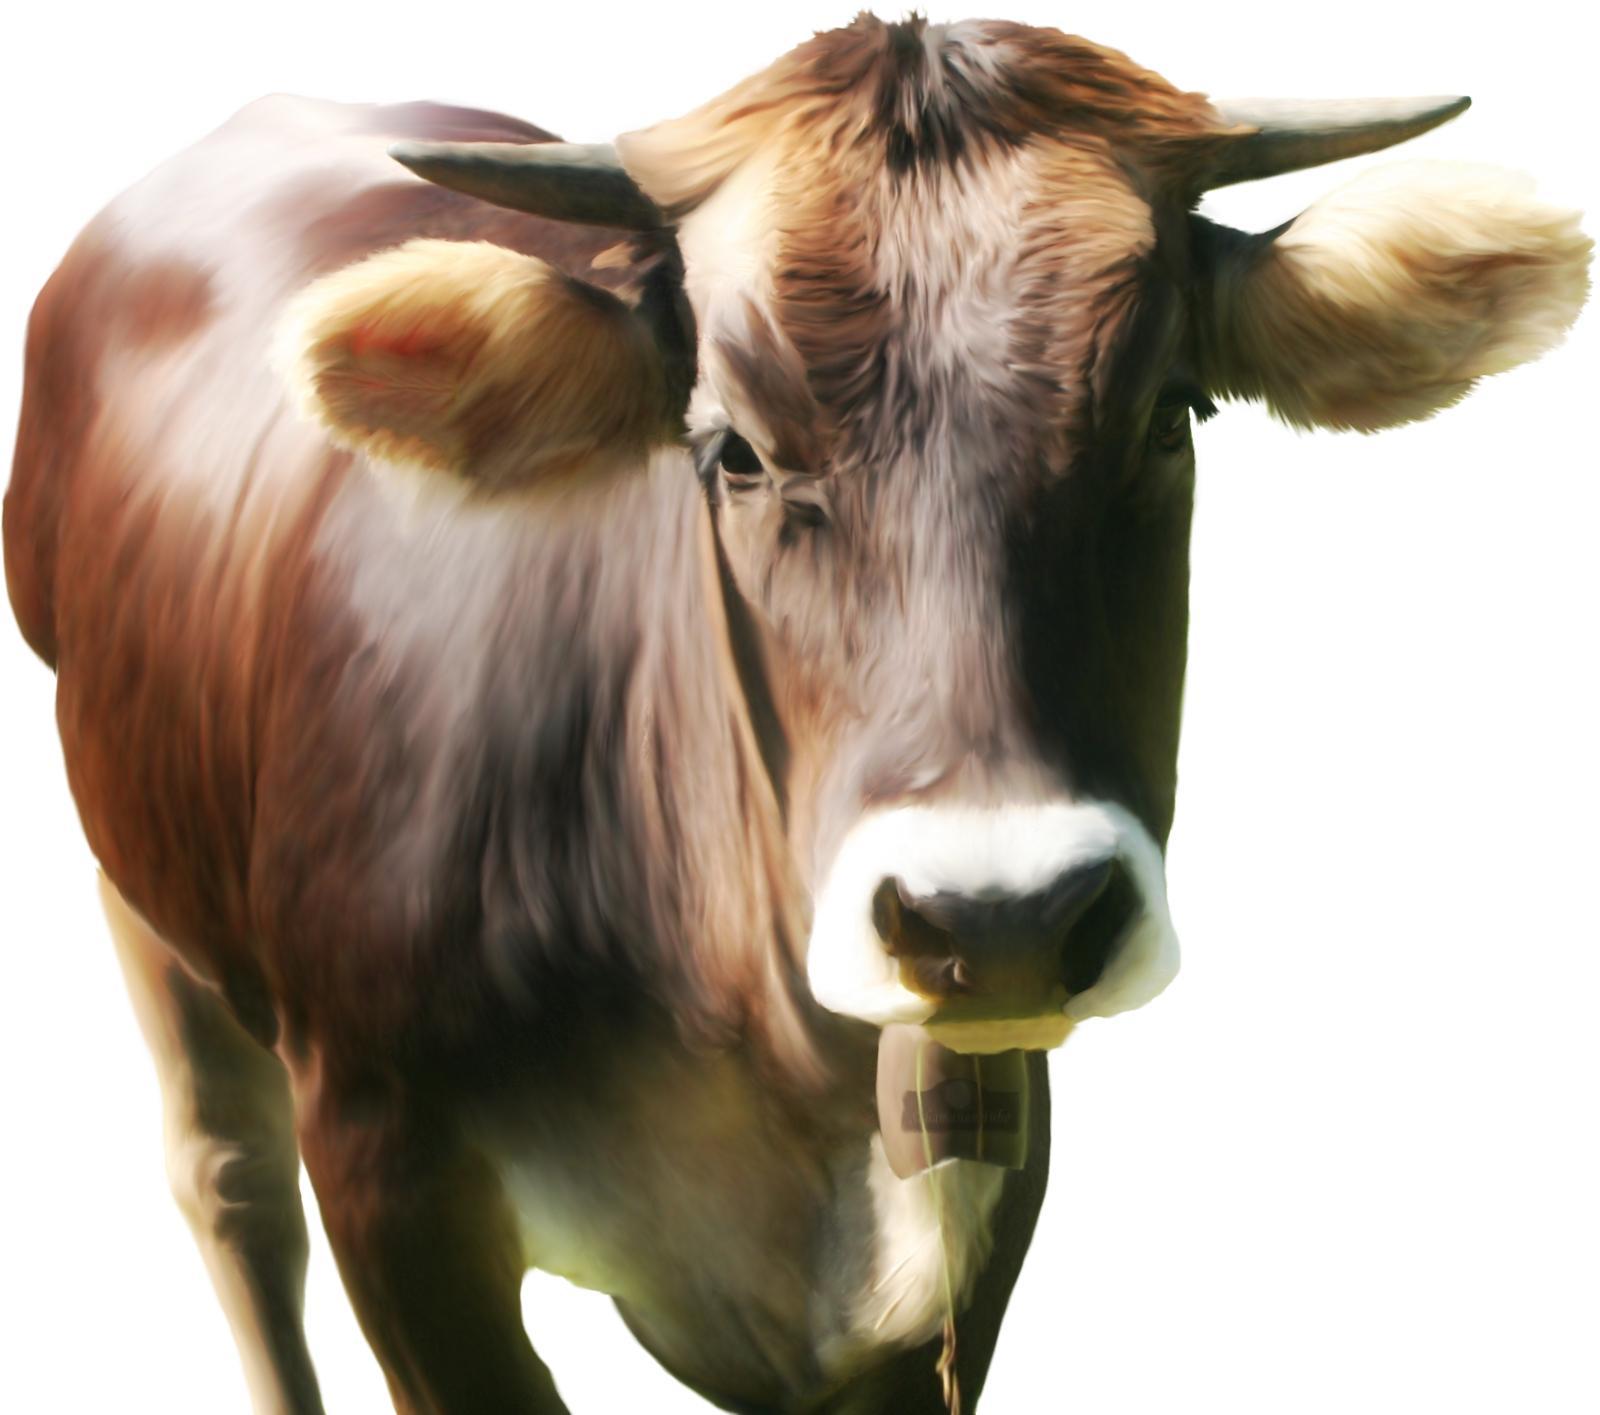 Franz Hohler's Kuh